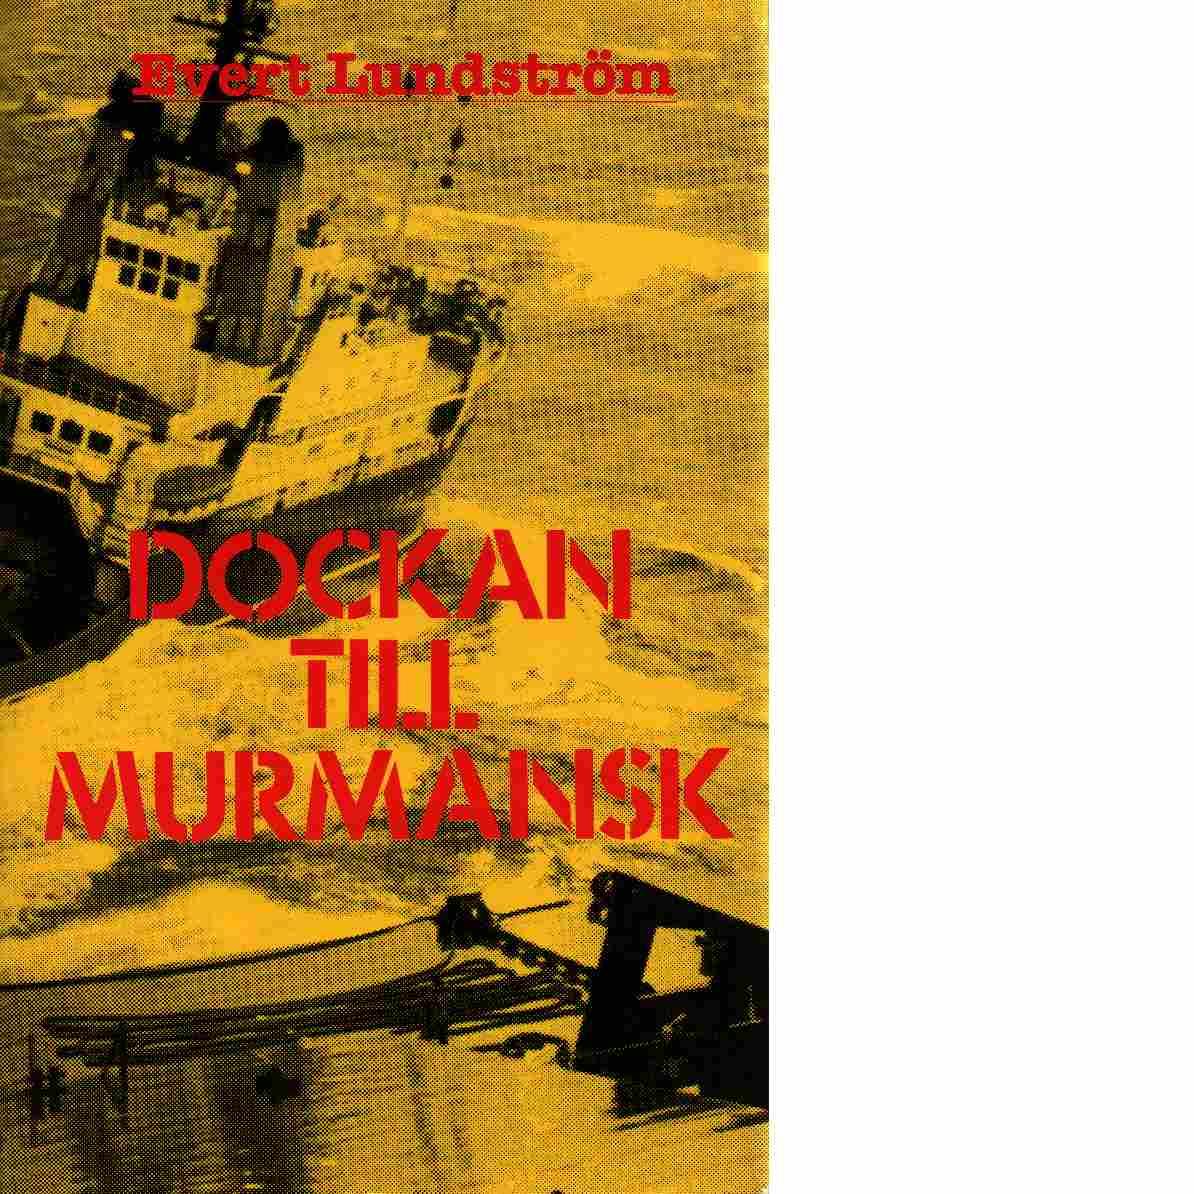 Dockan till Murmansk - Lundström, Evert